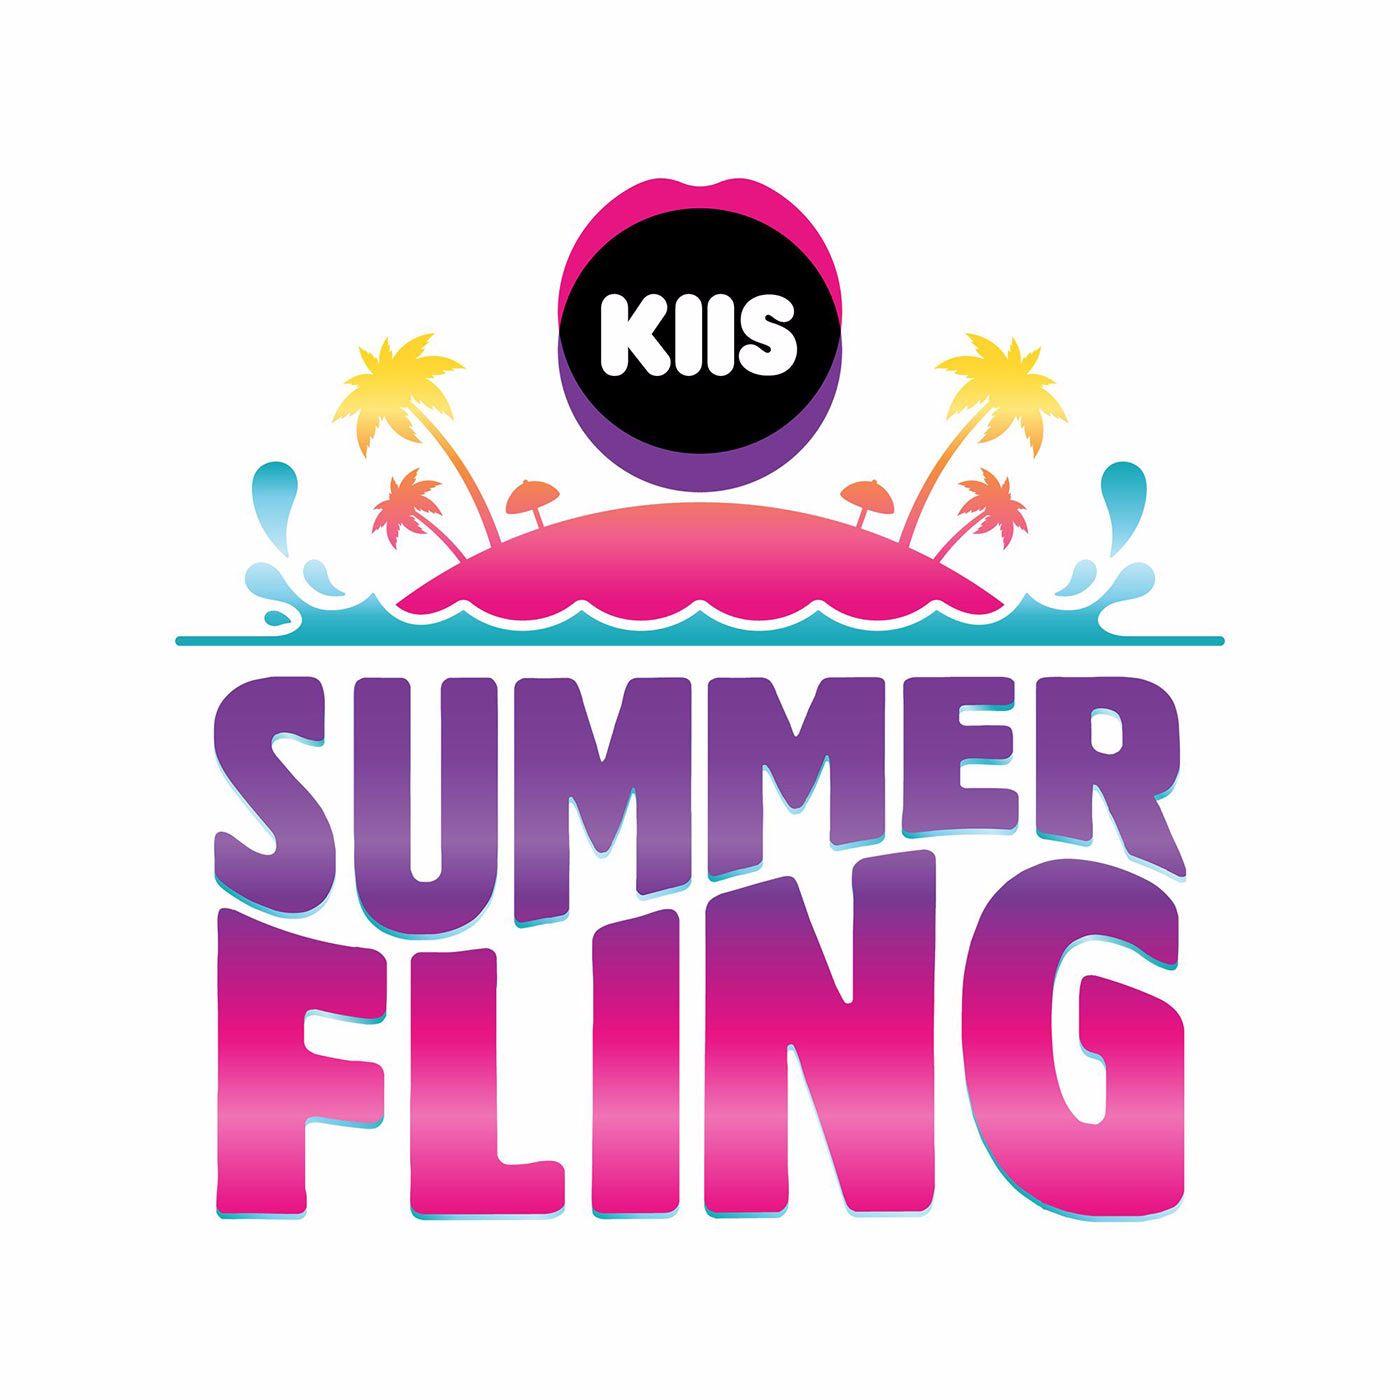 KIIS Summer Fling